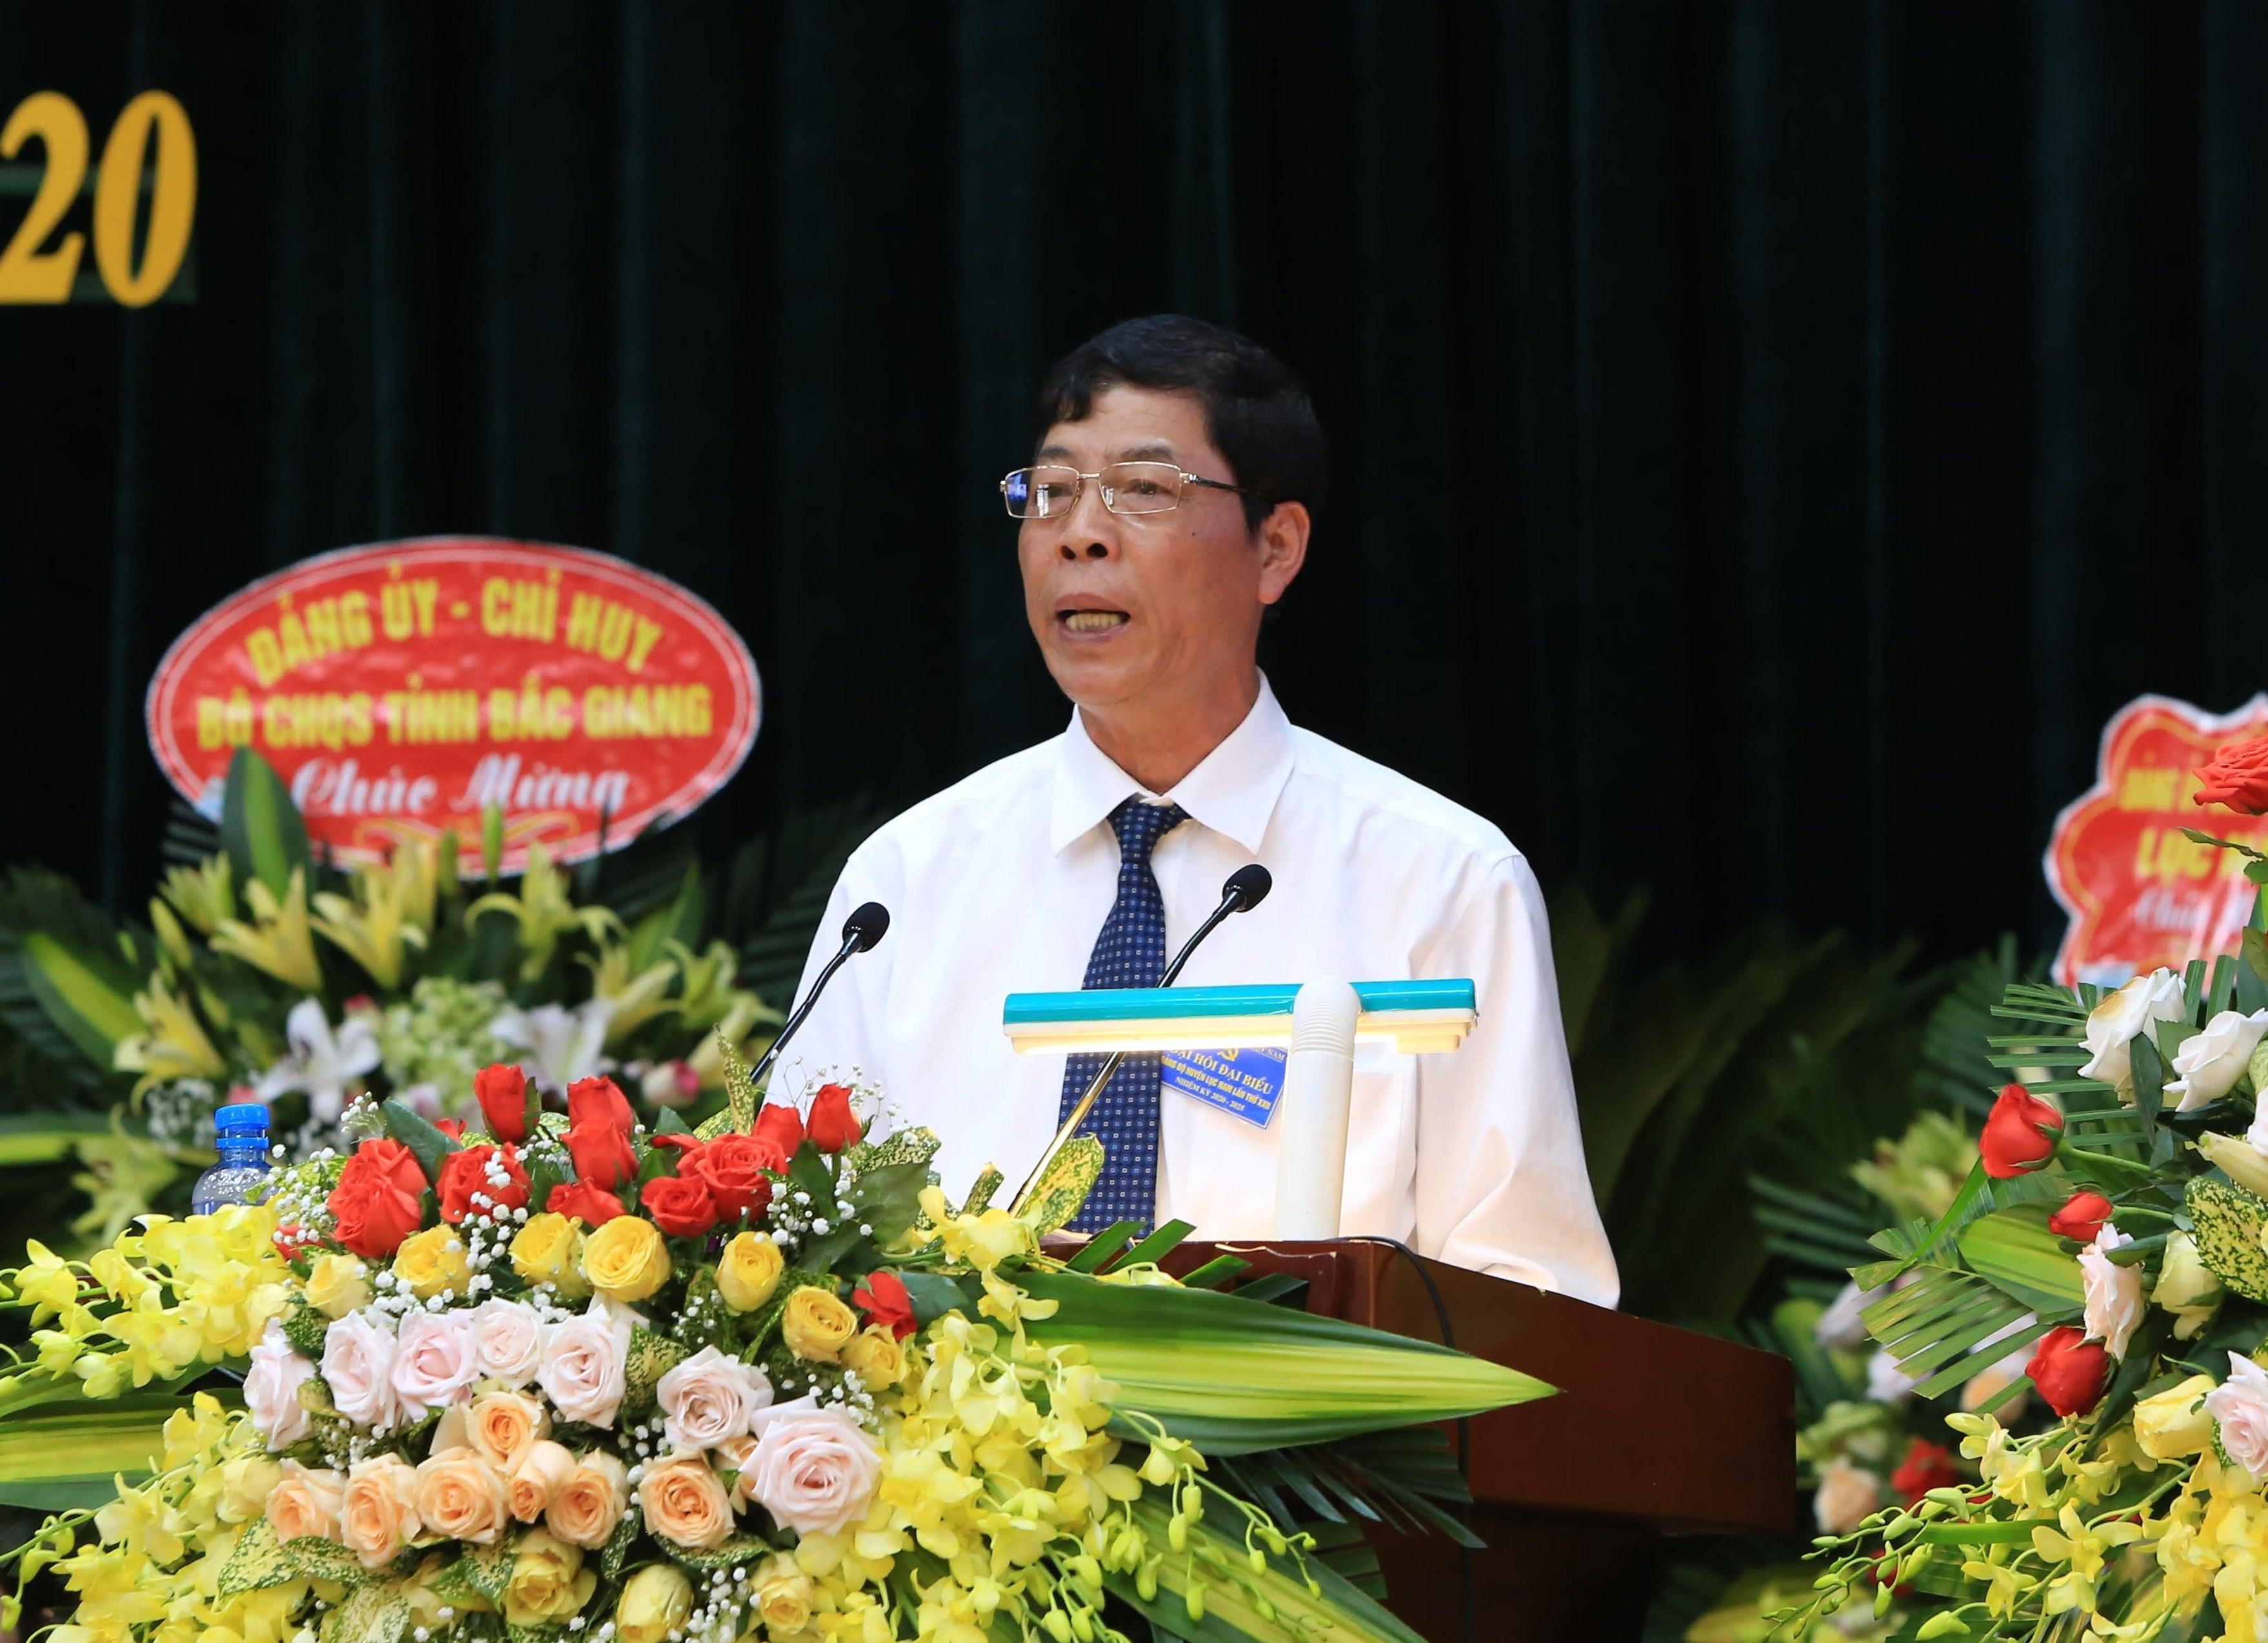 Đồng chí Bùi Văn Hải- Bí thư Tỉnh ủy tỉnh Bắc Giang phát biểu chỉ đạo Đại hội